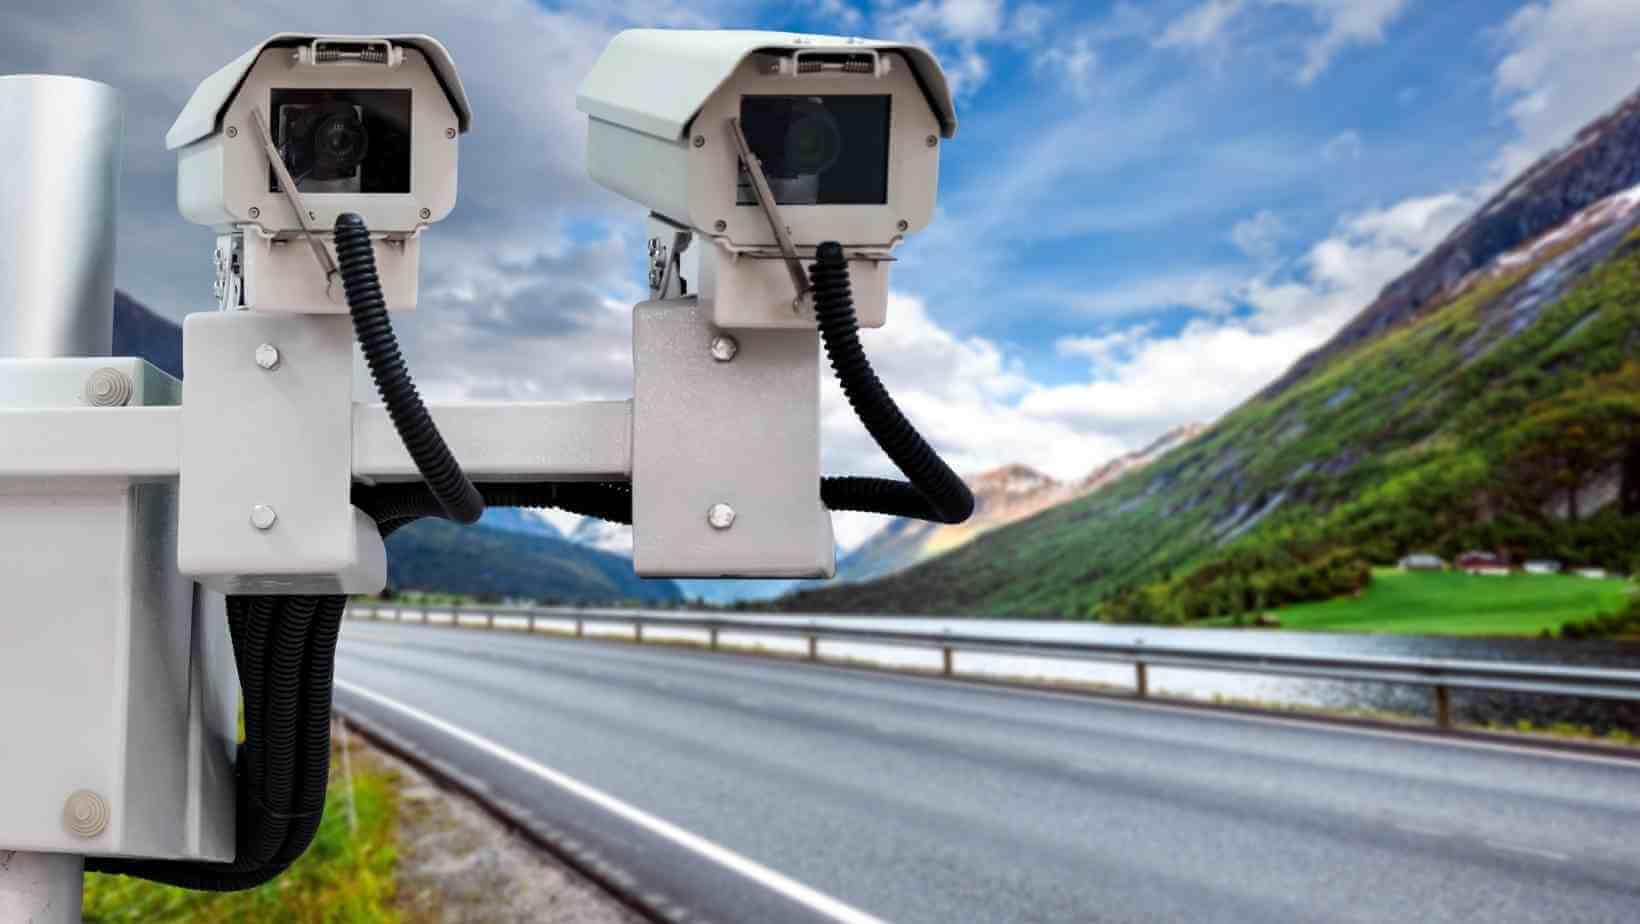 Propunere legislativă depusă la Parlament privind implementarea unui sistem video de monitorizare a traficului rutier